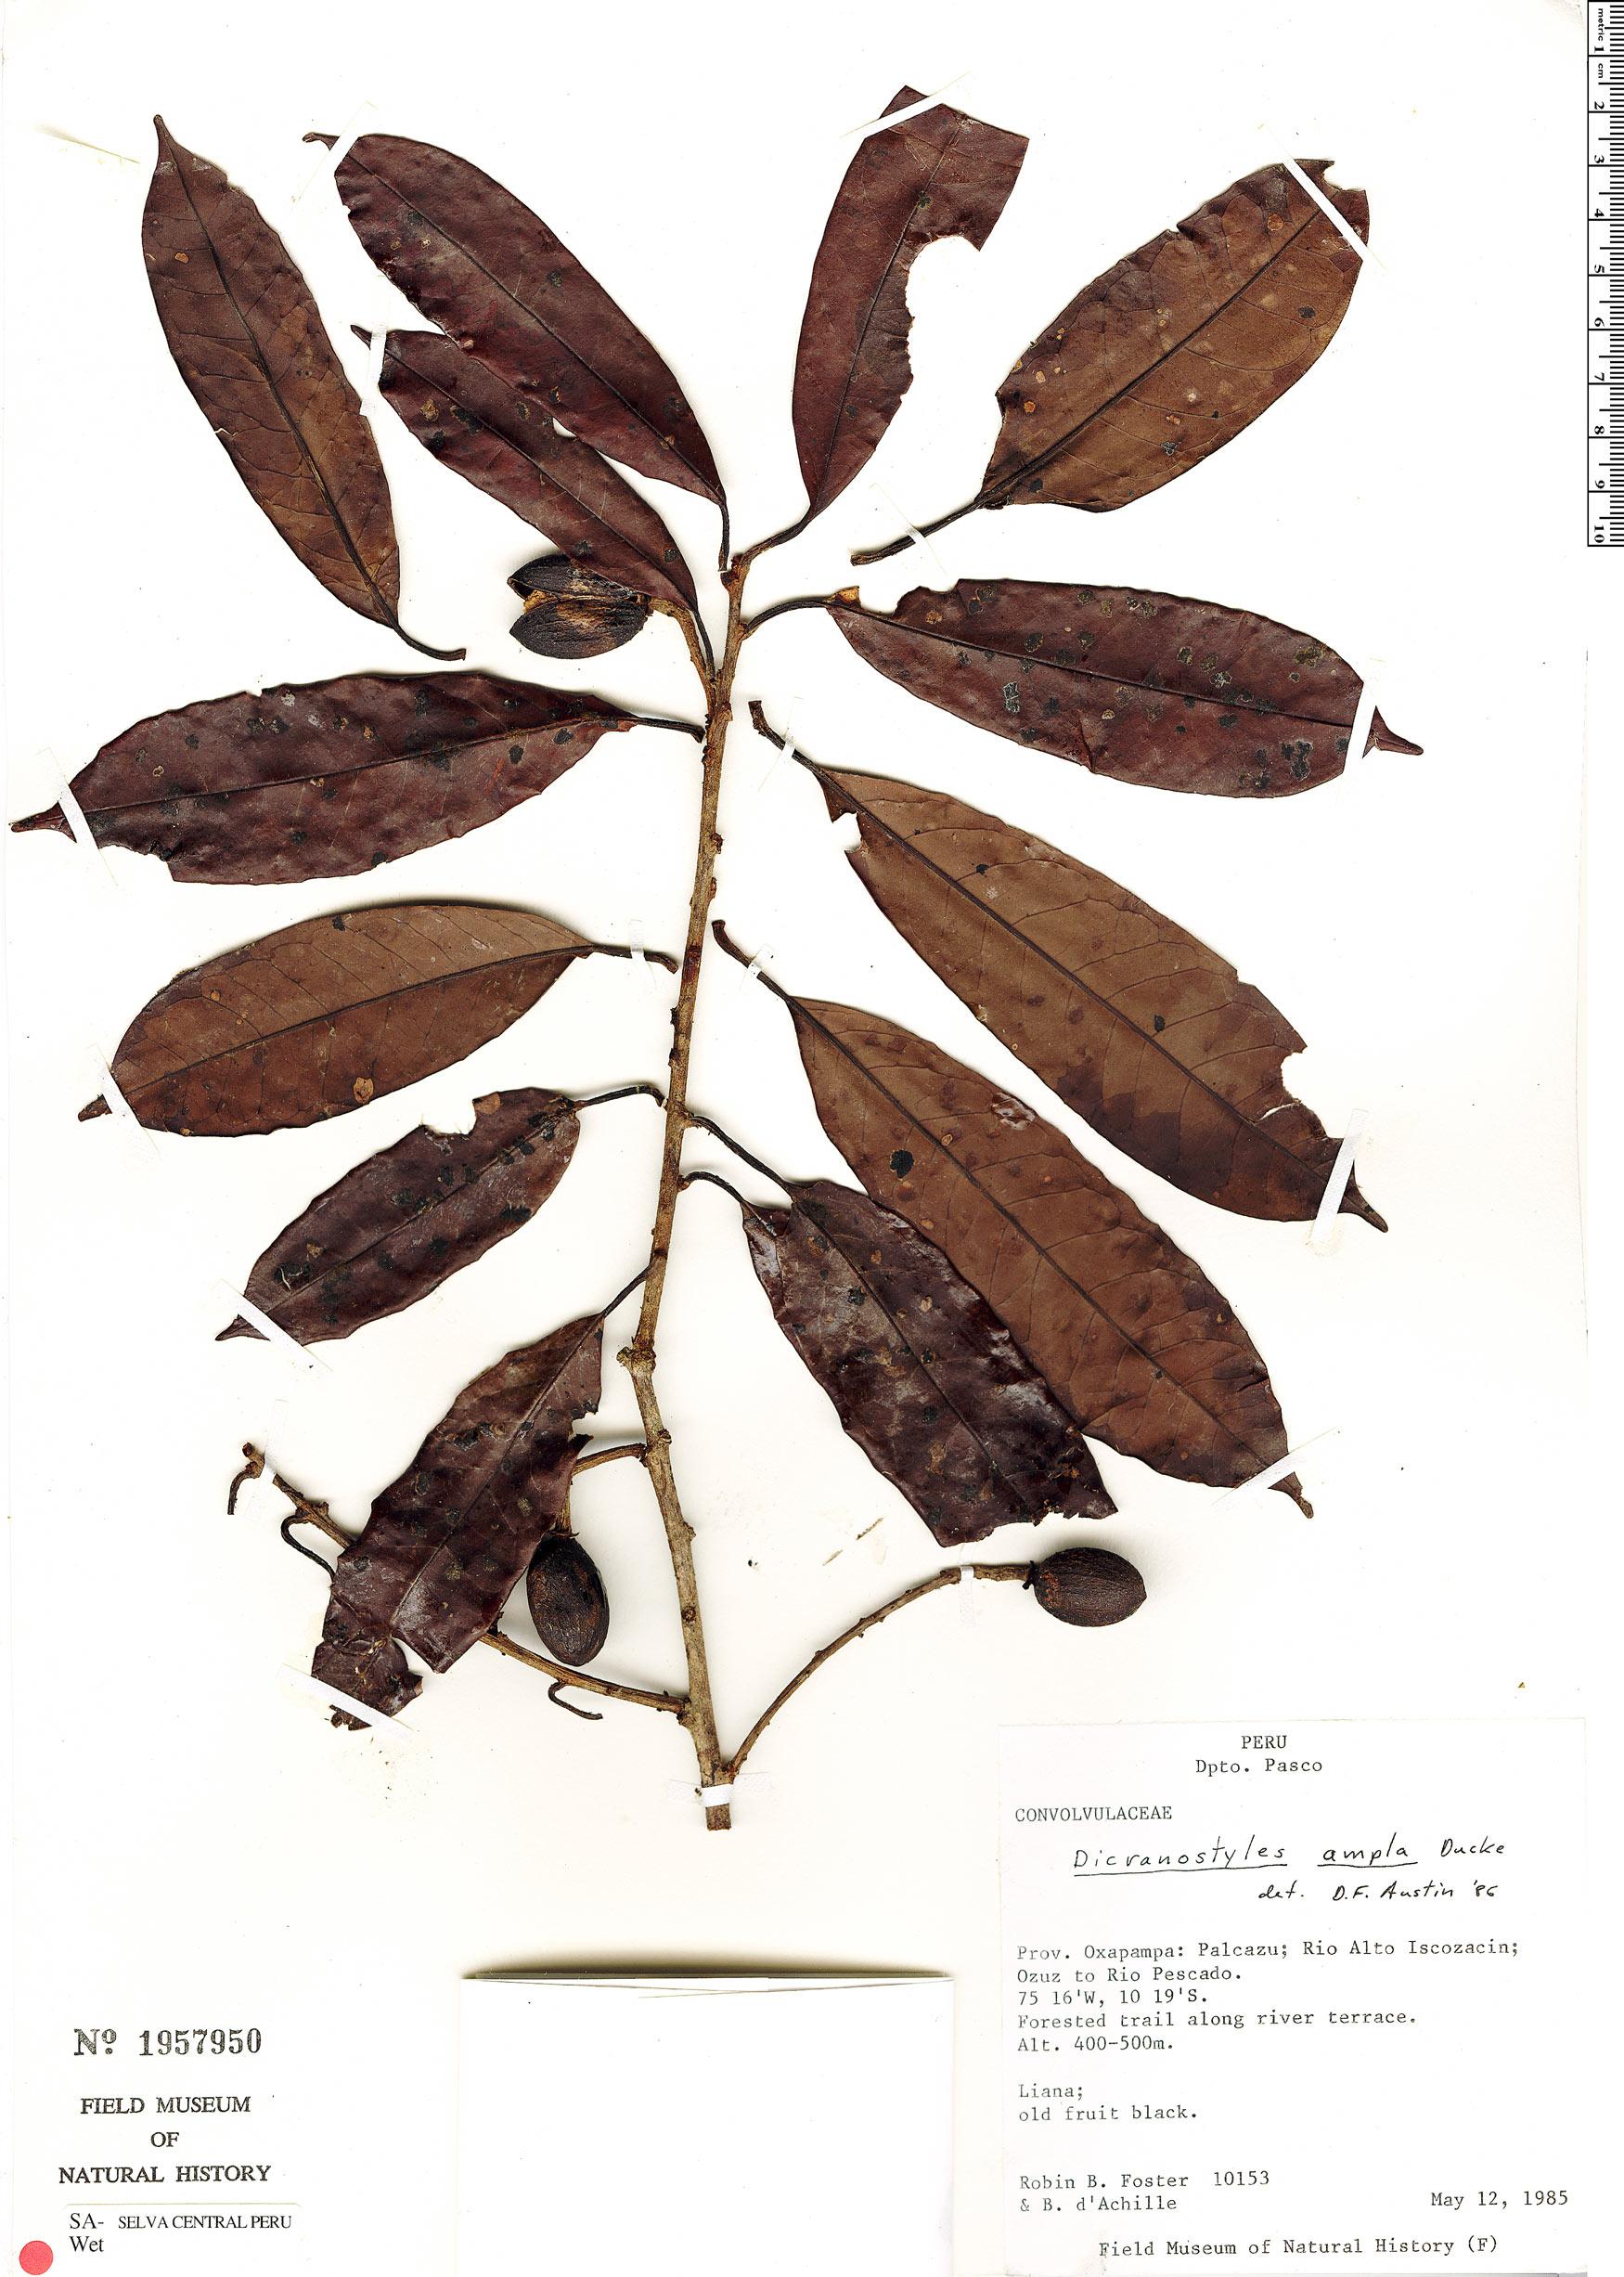 Specimen: Dicranostyles ampla